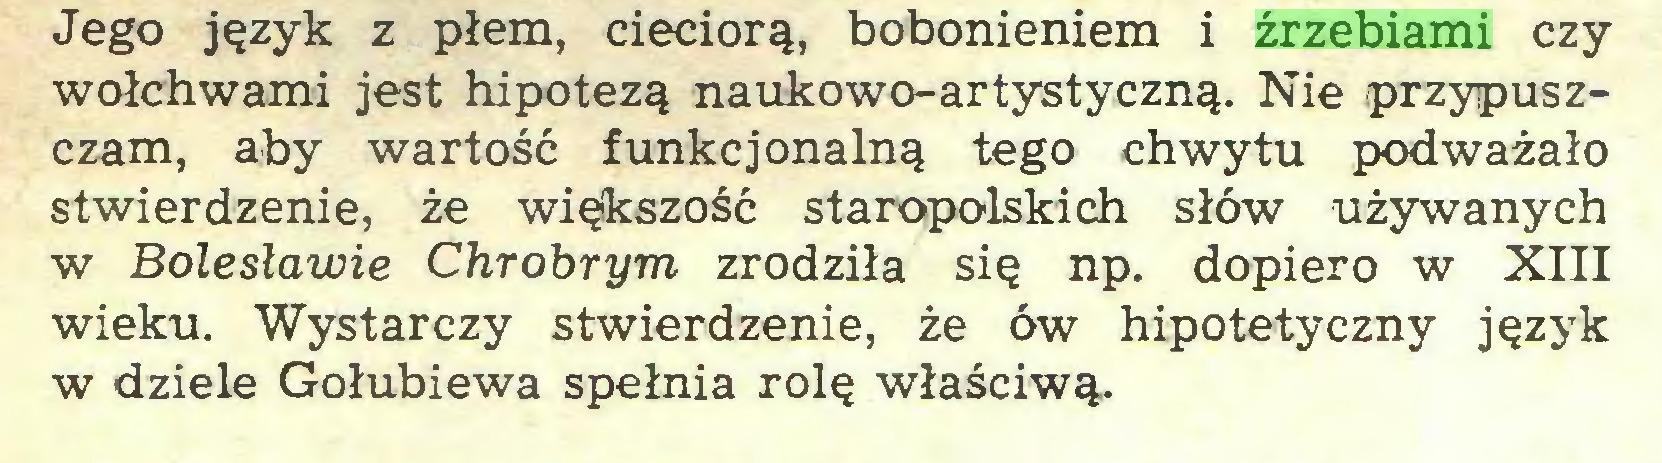 (...) Jego język z płem, cieciorą, bobonieniem i źrzebiami czy wołchwami jest hipotezą naukowo-artystyczną. Nie przypuszczam, aby wartość funkcjonalną tego chwytu podważało stwierdzenie, że większość staropolskich słów używanych w Bolesławie Chrobrym zrodziła się np. dopiero w XIII wieku. Wystarczy stwierdzenie, że ów hipotetyczny język w dziele Gołubiewa spełnia rolę właściwą...